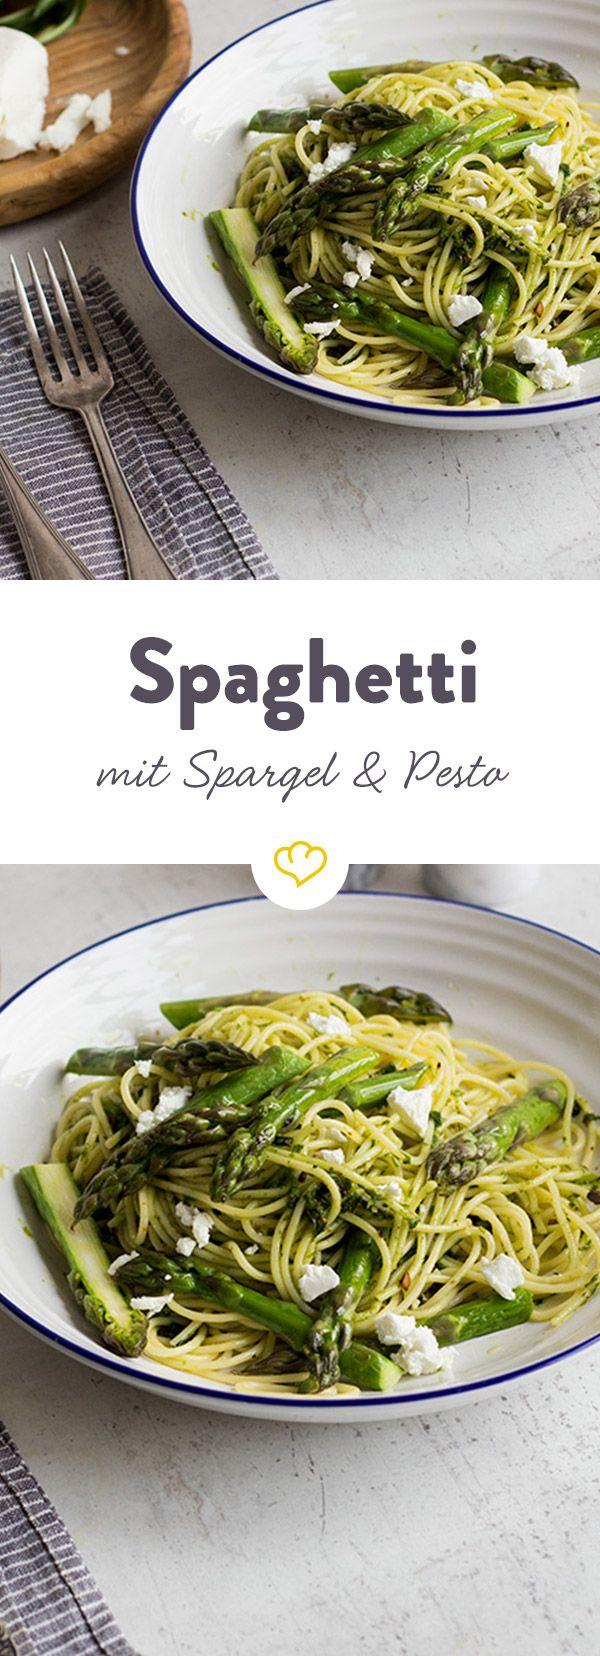 Was wäre der Frühling ohne Spargel und Bärlauch? In dieser einfachen Pasta-Variante läuft das Duo zur Höchstform auf. Gesund, lecker und herrlich frisch.